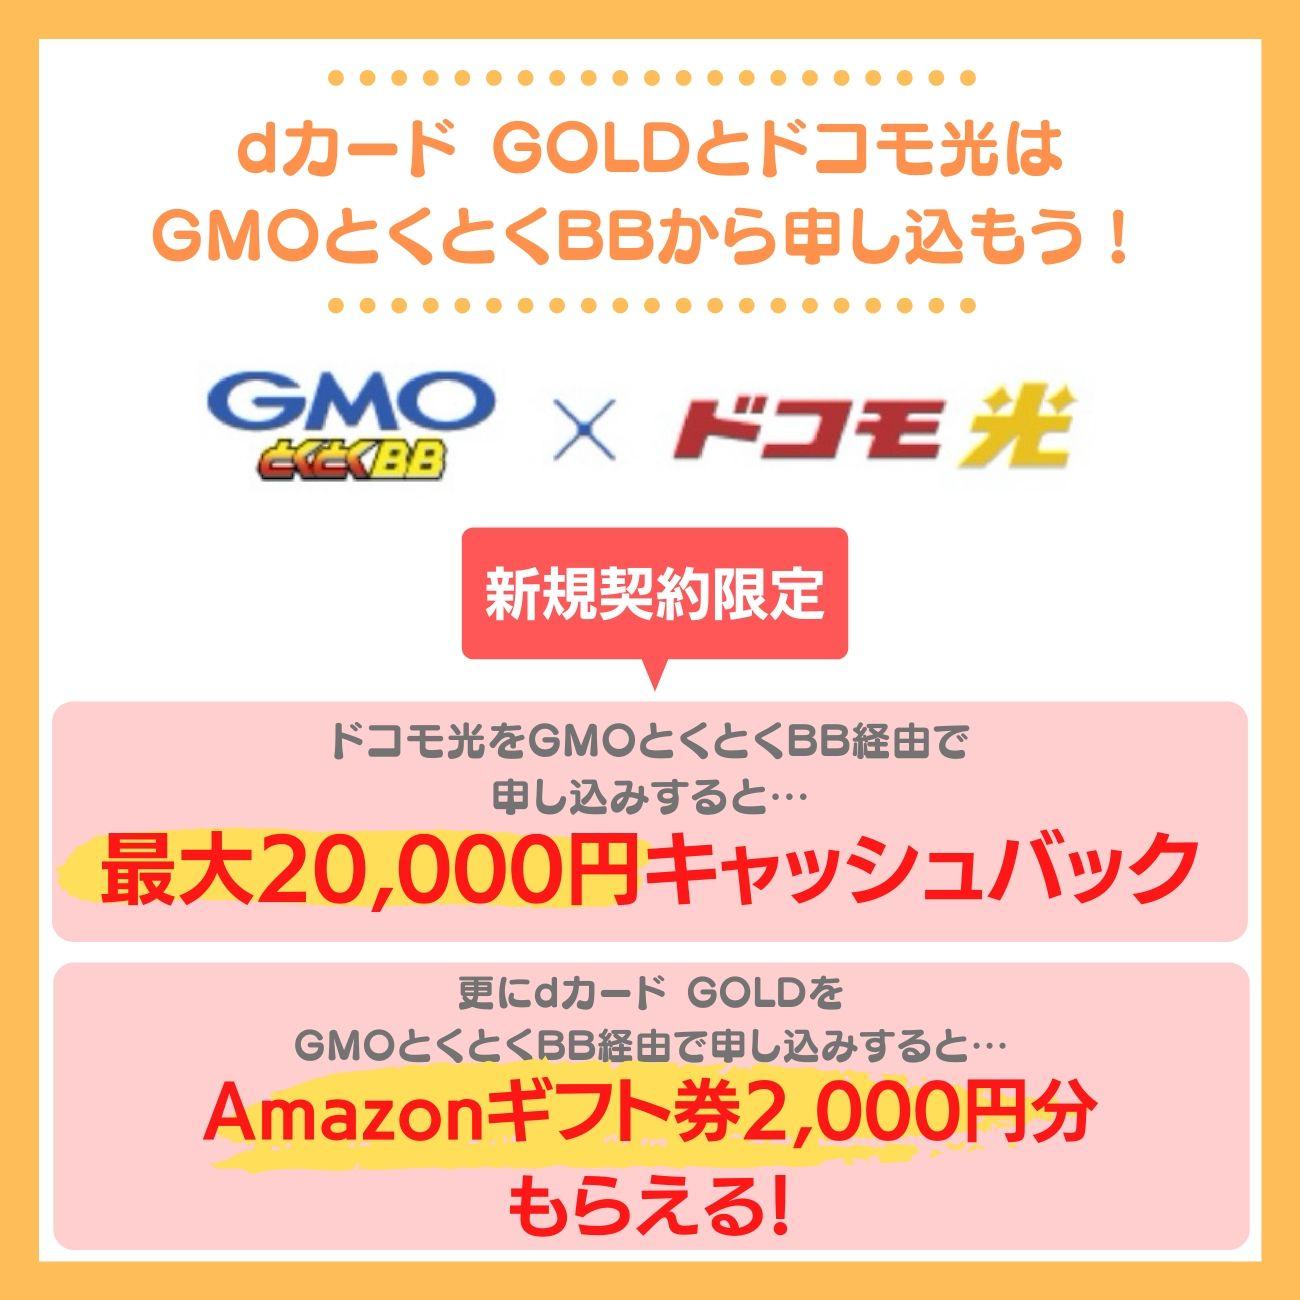 dカード GOLDとドコモ光はGMOとくとくBBから申し込むとお得に!